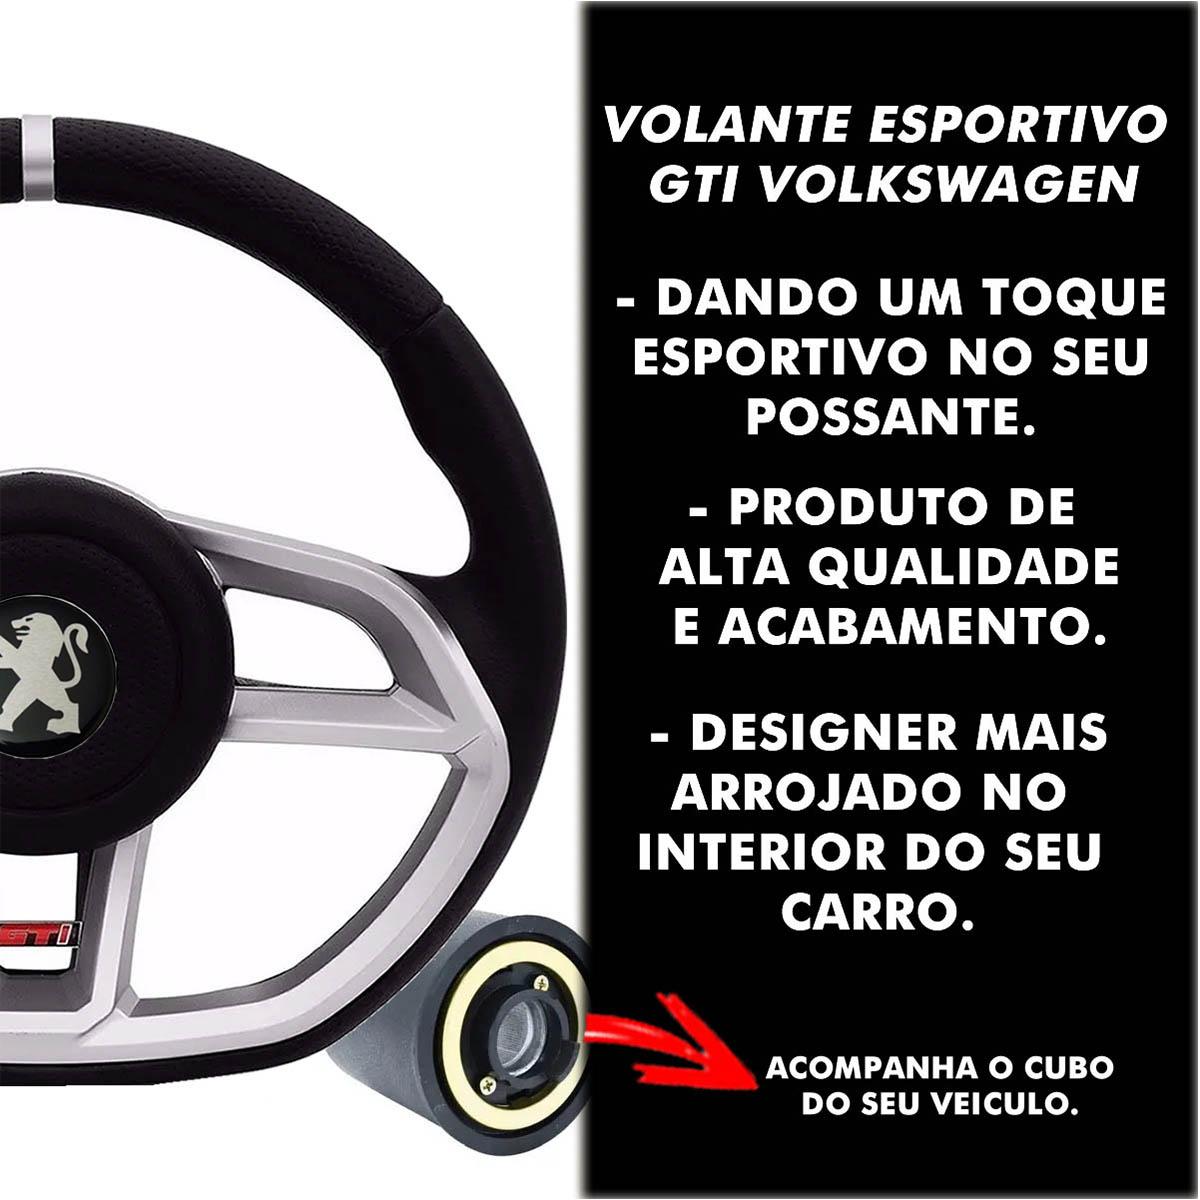 Volante Peugeot Gti Esportivo Cubo Atacado Poliparts